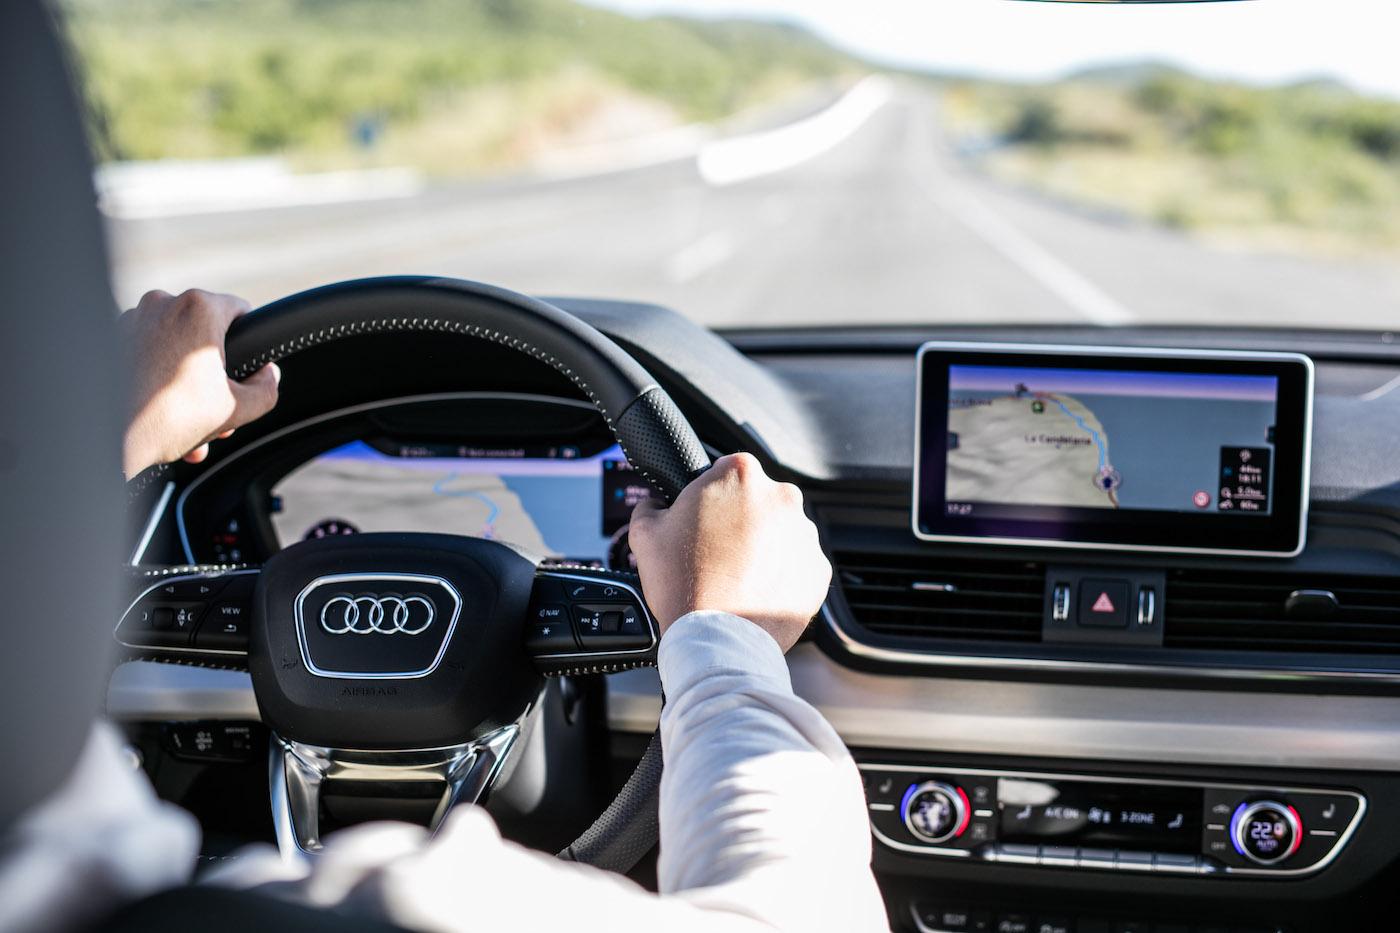 Der neue Audi Q5: Erste Probefahrt unter der mexikanischen Sonne 9